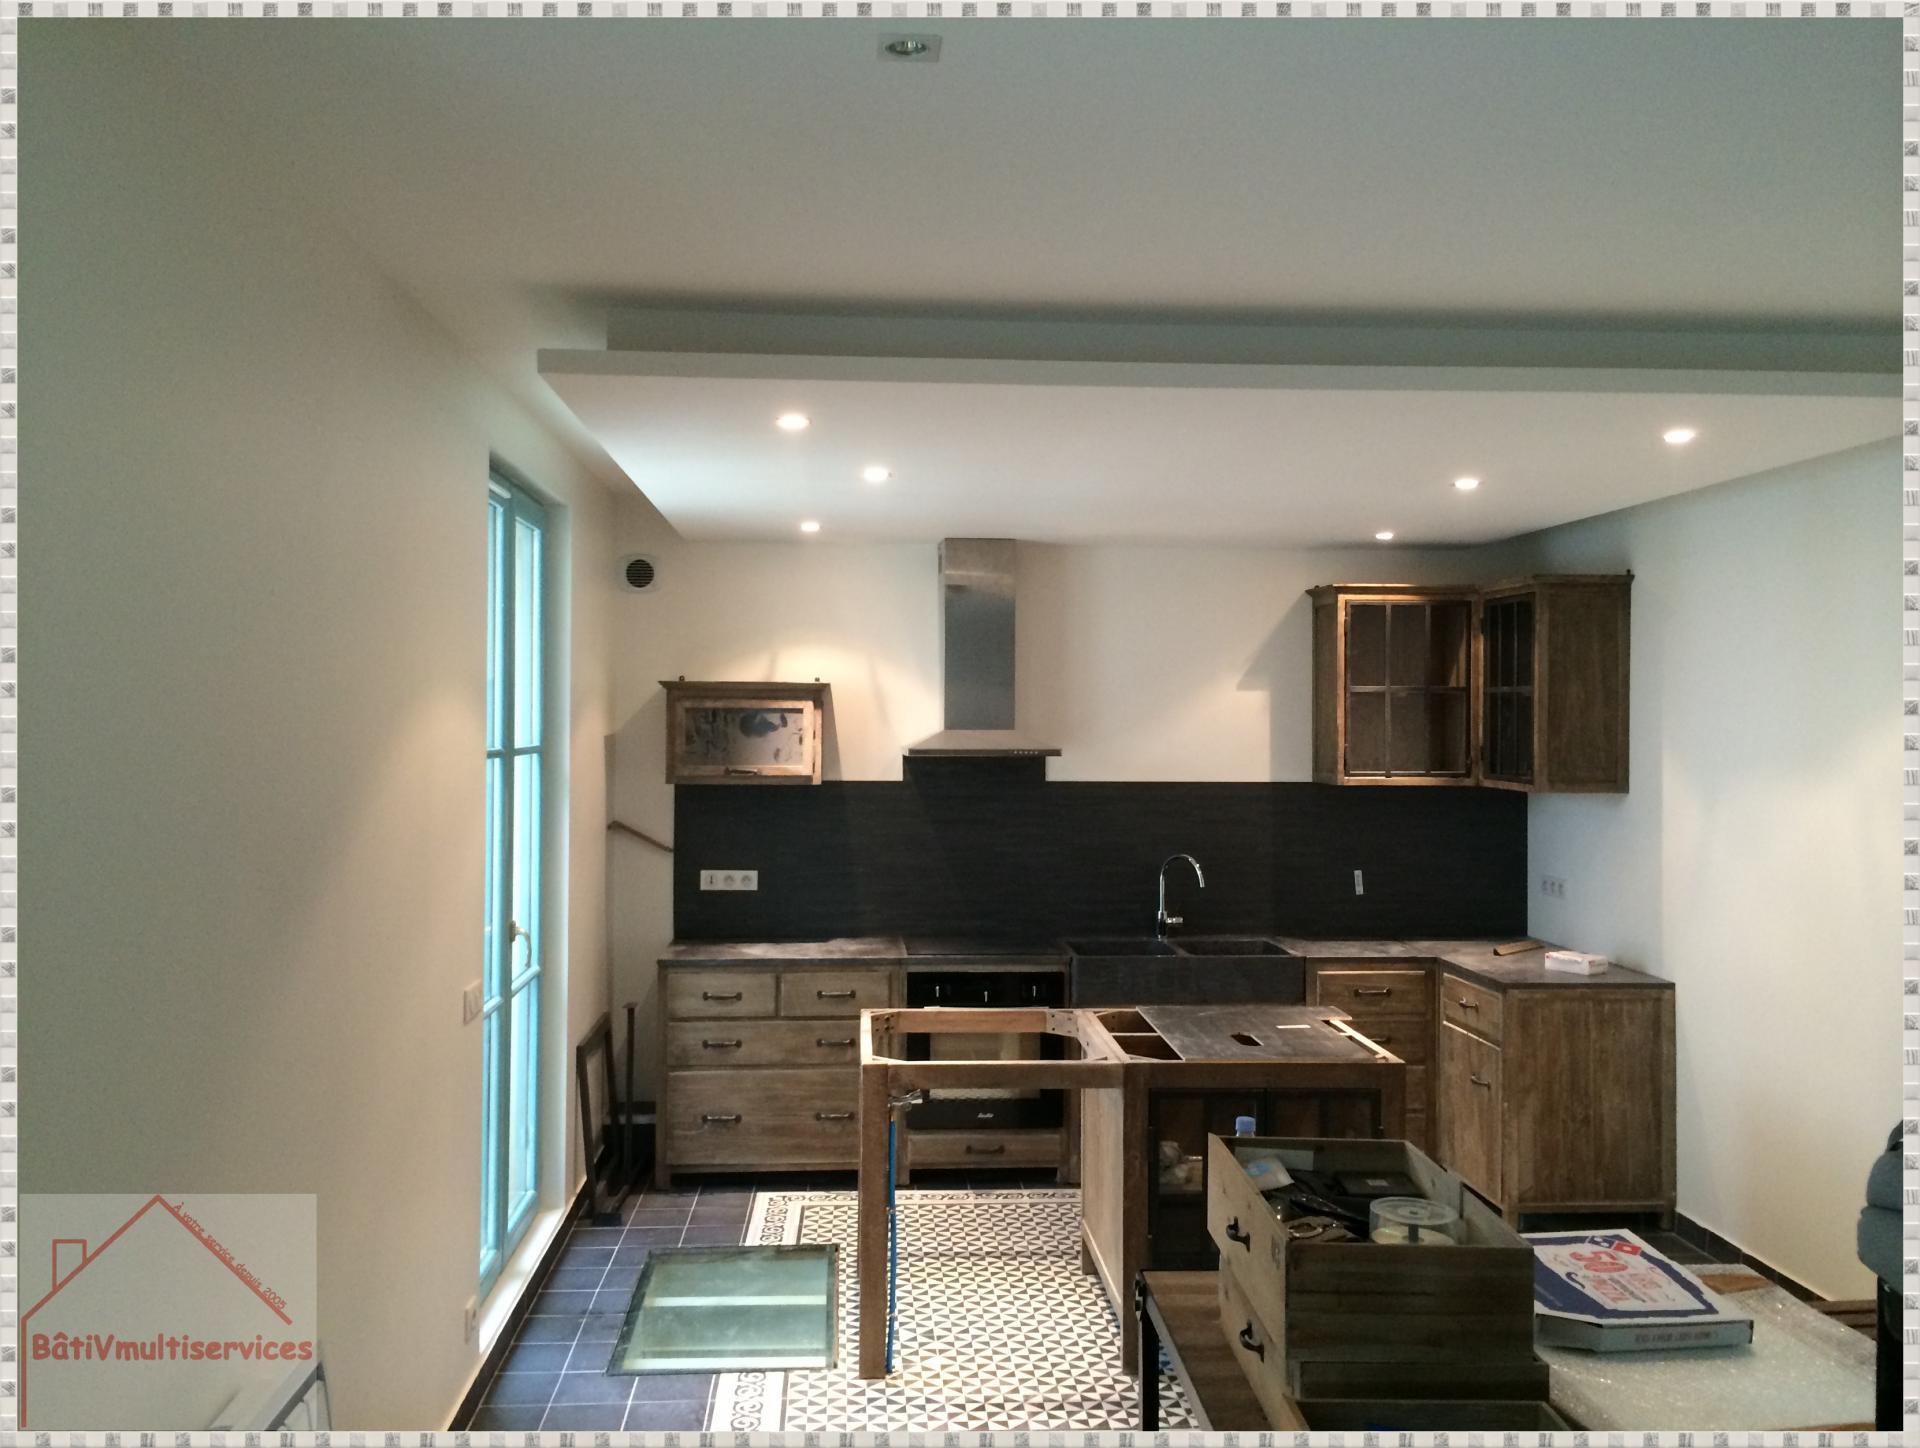 Cuisine bois et plan de travail marbre noir